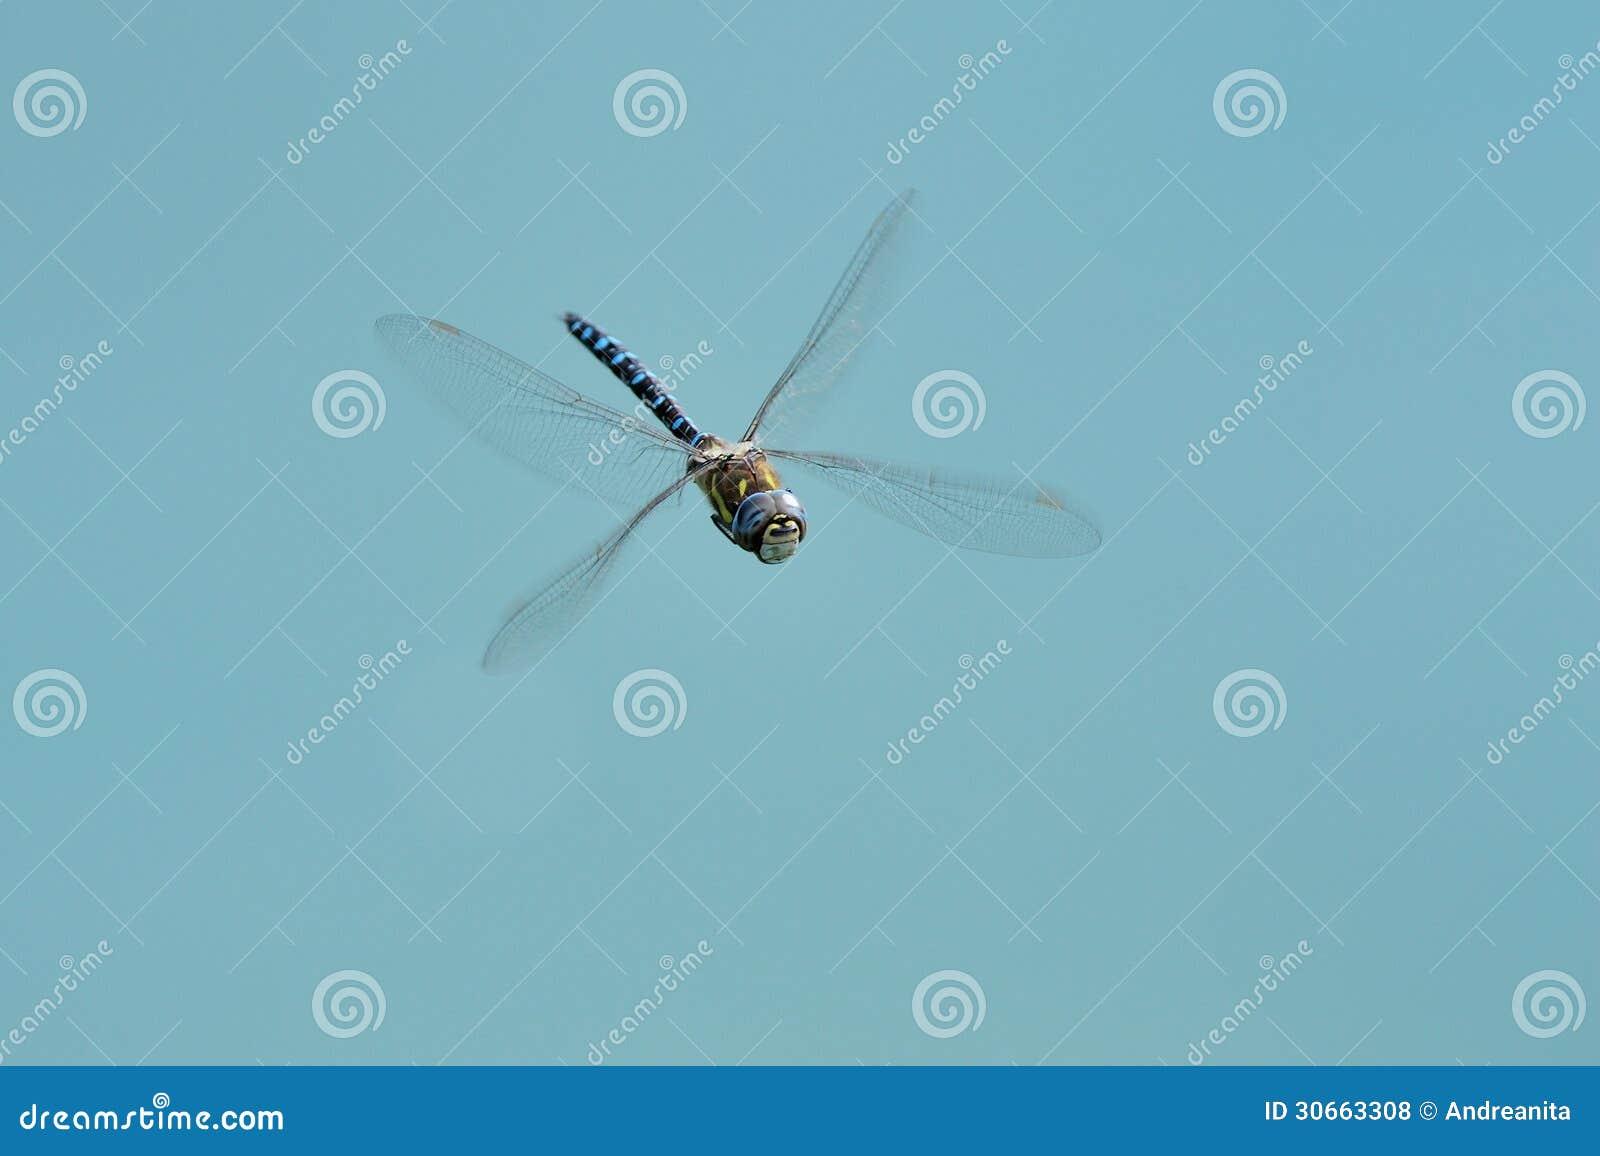 Mosca del dragón contra el cielo azul